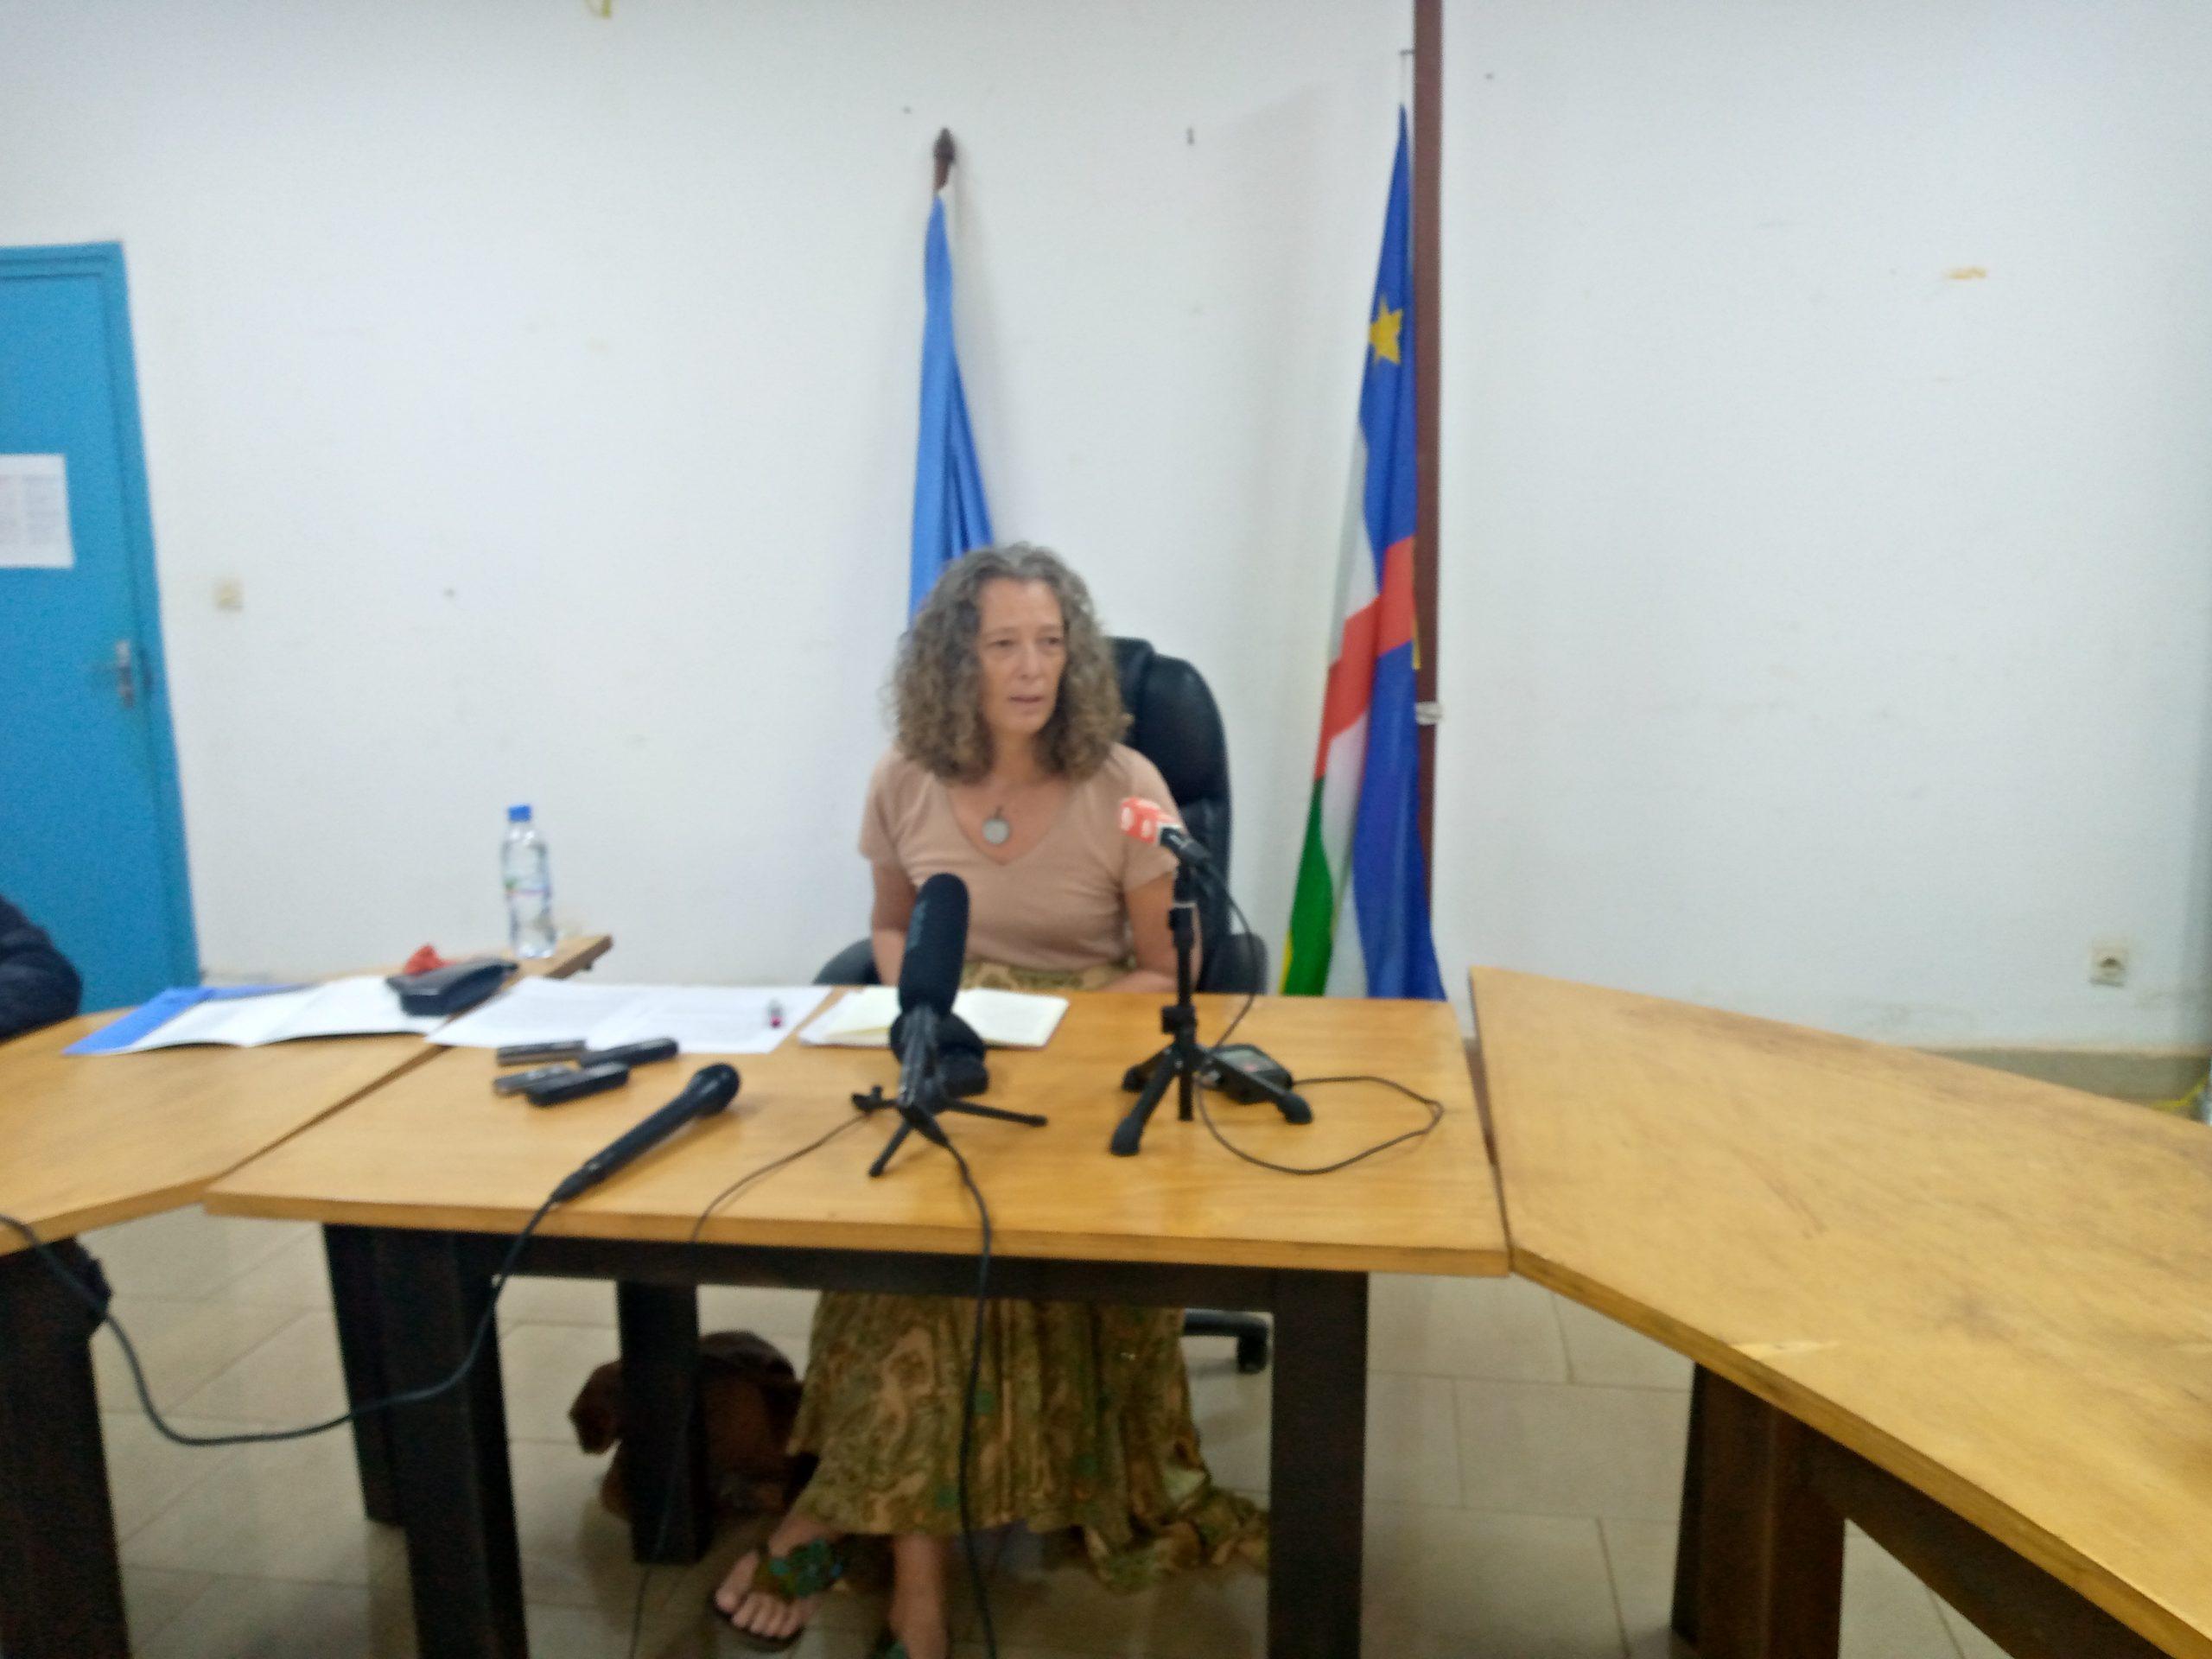 Centrafrique : Les acteurs humanitaires font face à d'énormes défis pour répondre aux besoins de la population